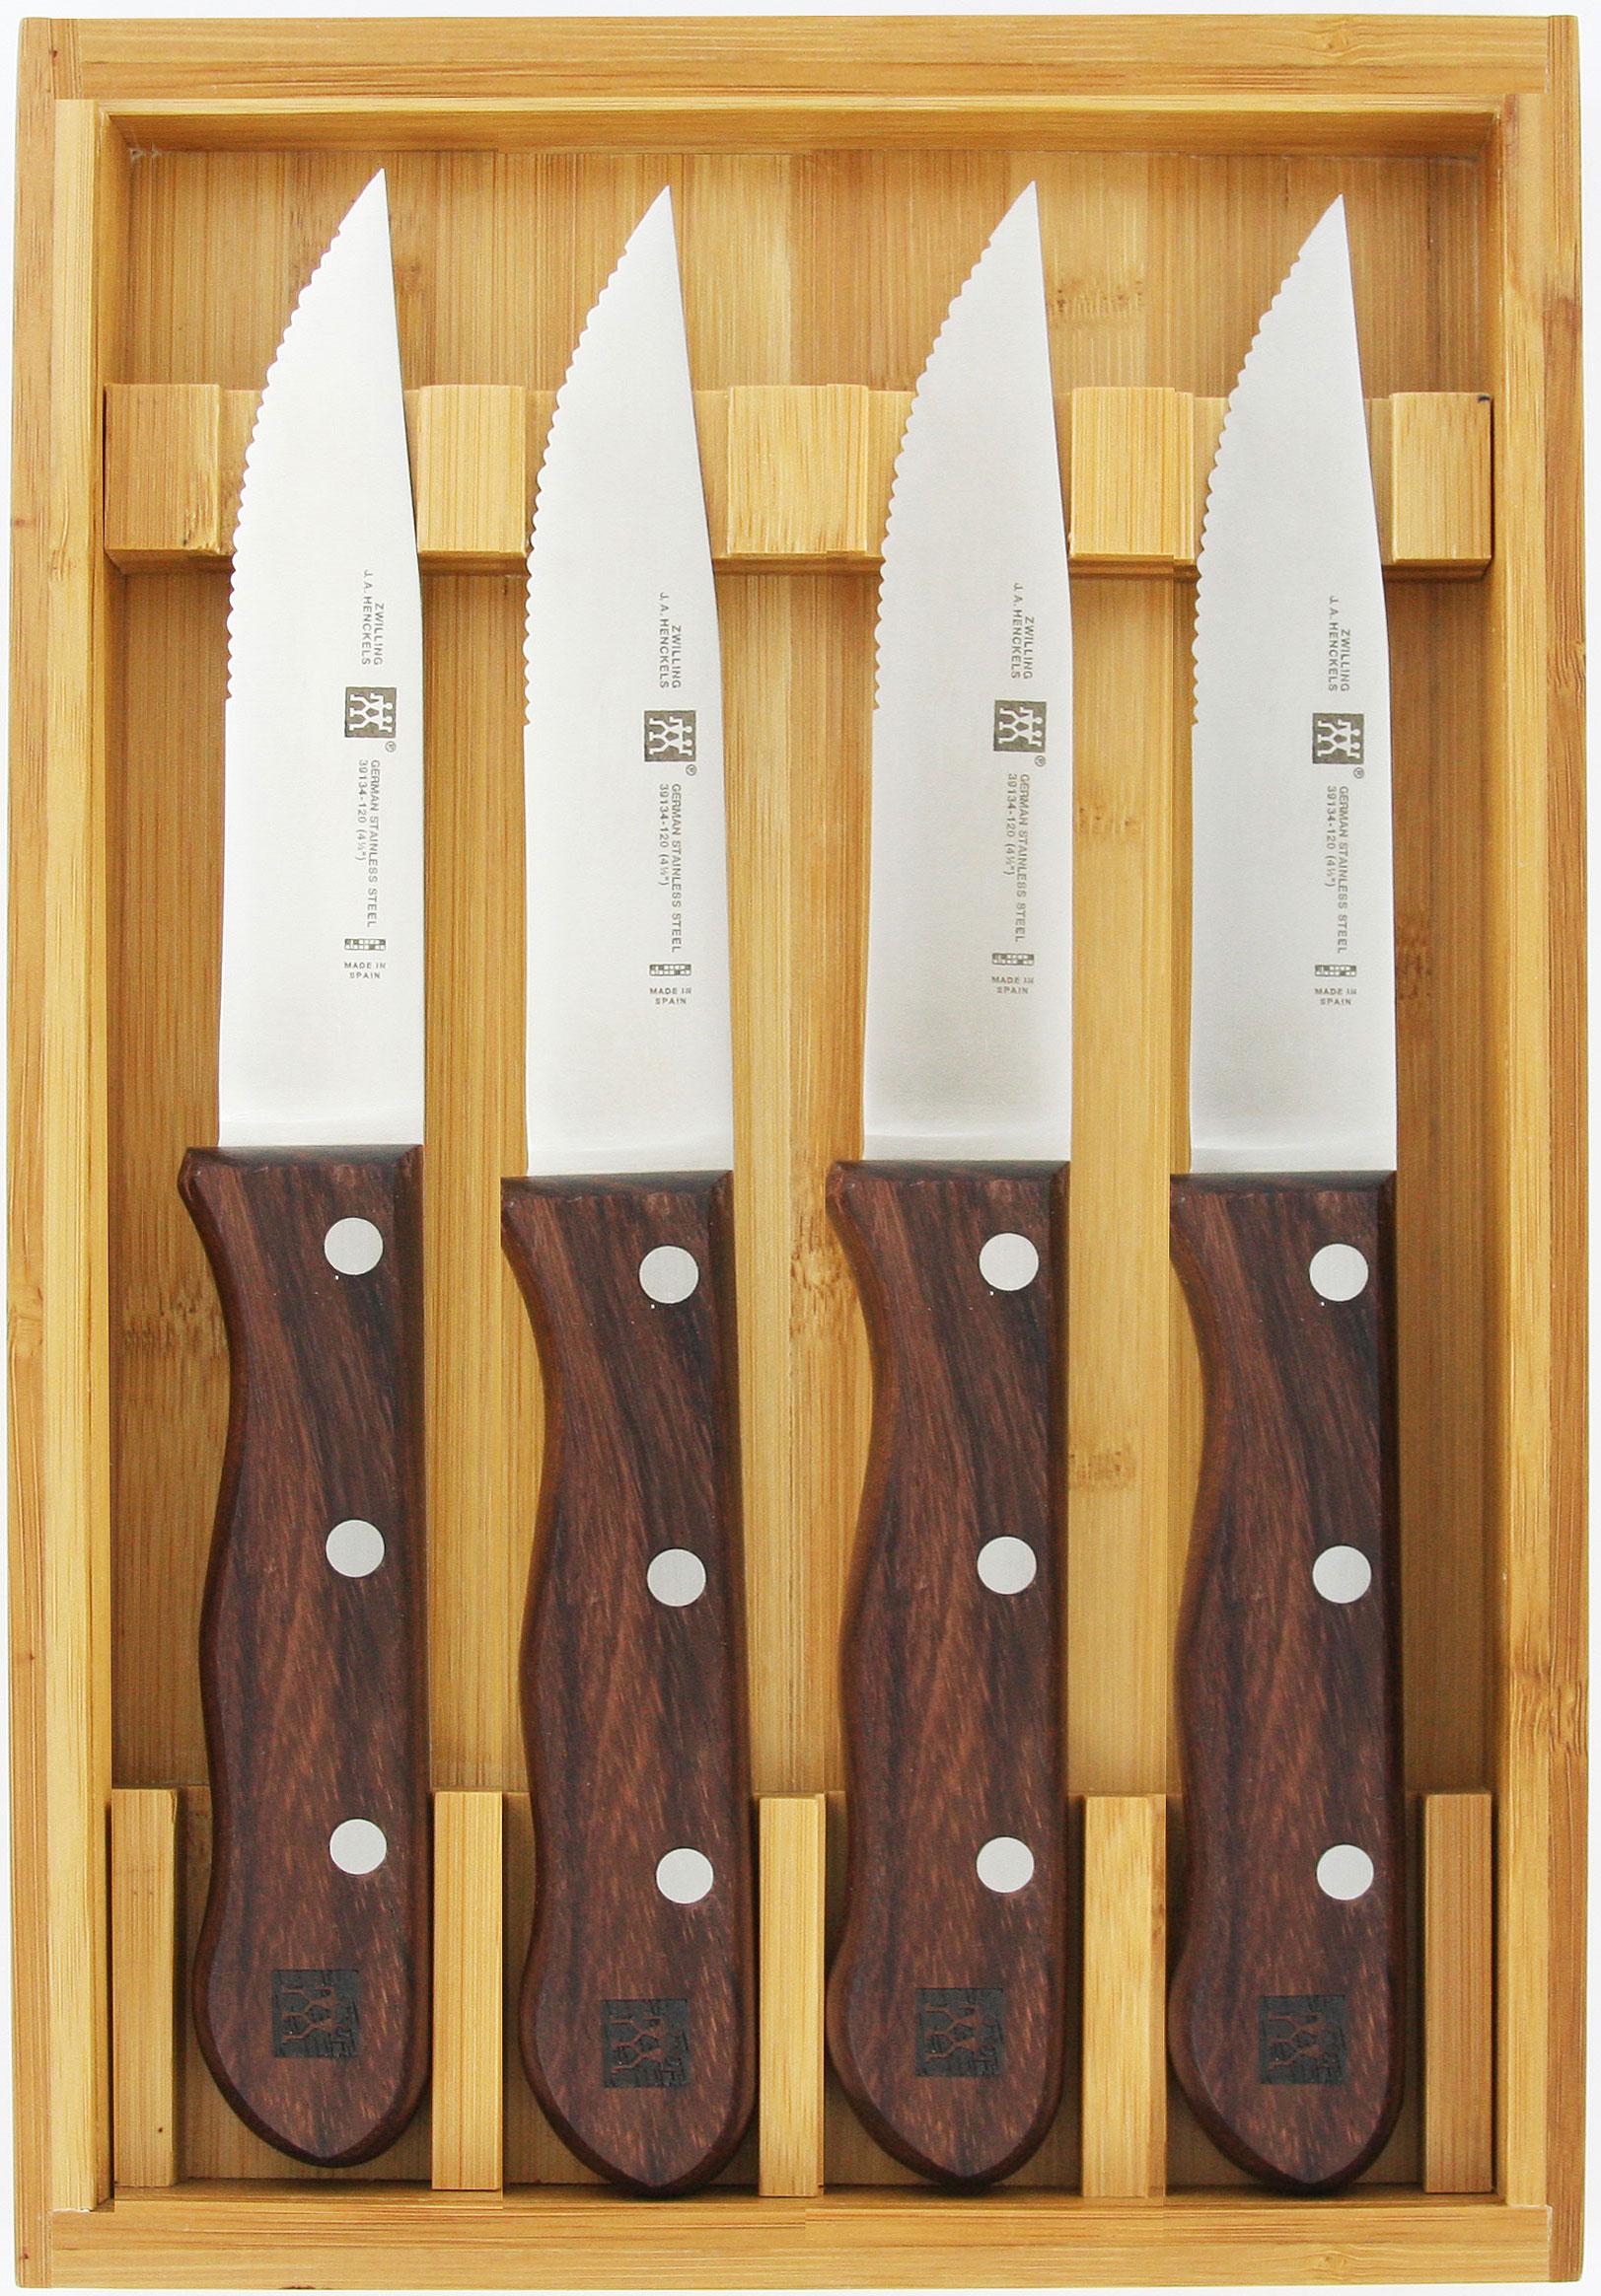 Zwilling J.A. Henckels Steakhouse 4 Piece Jumbo Steak Knife Set